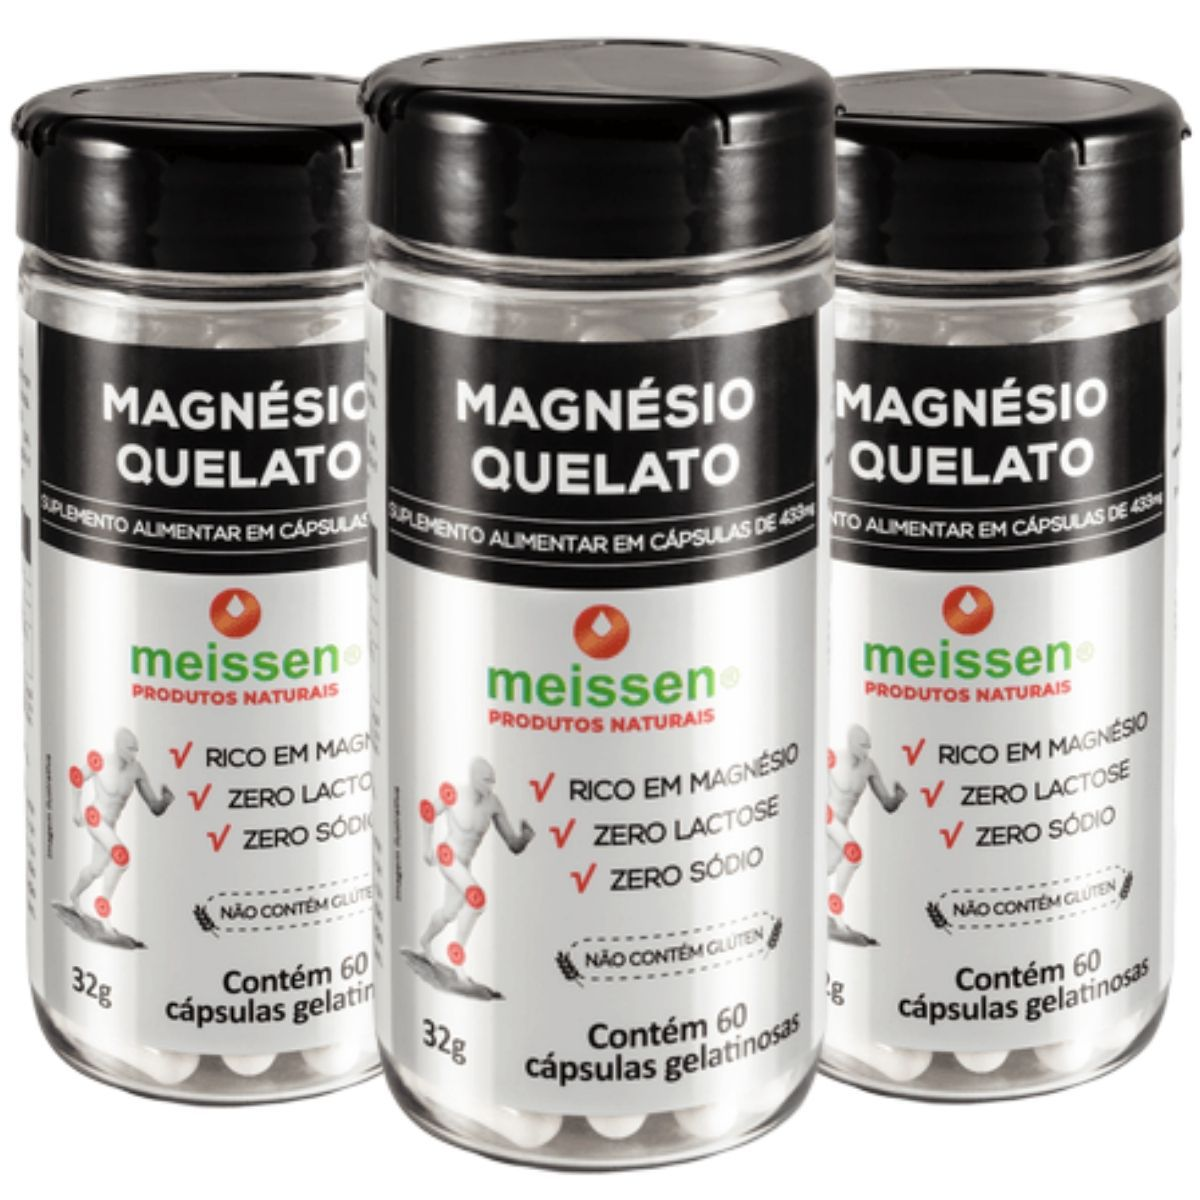 Kit 3 Magnésio Quelato Meissen - 433 Mg 60 Cápsulas